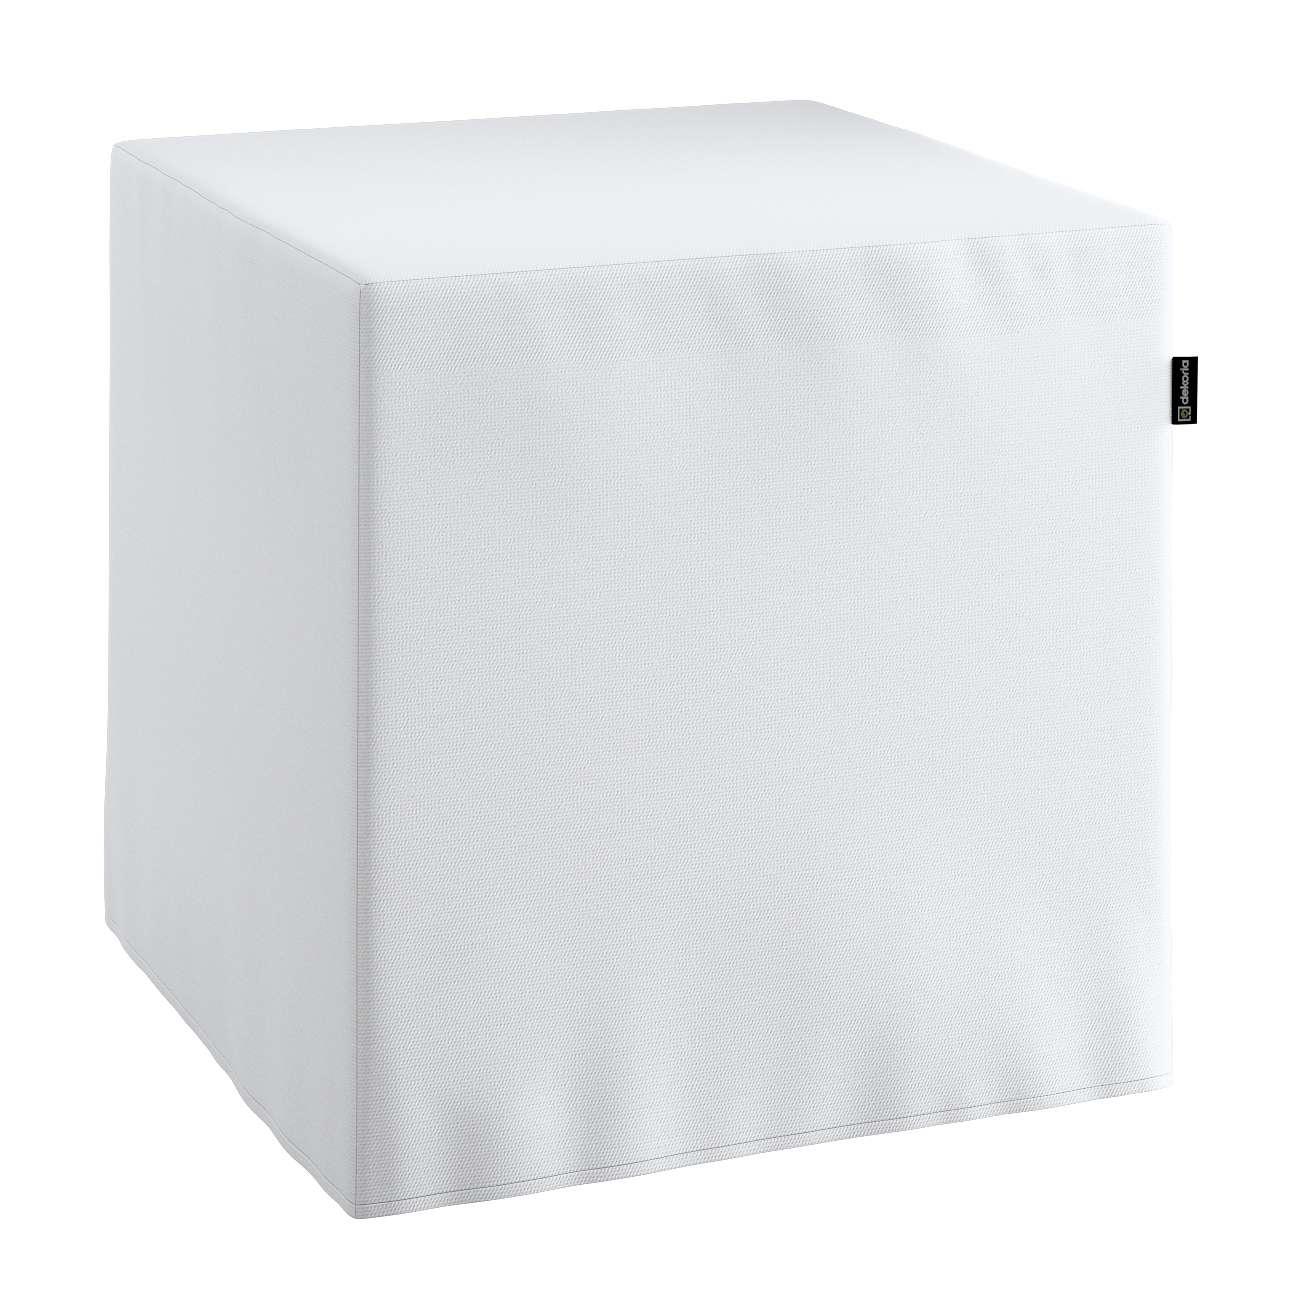 Pufa kostka twarda 40x40x40 cm w kolekcji Loneta, tkanina: 133-02